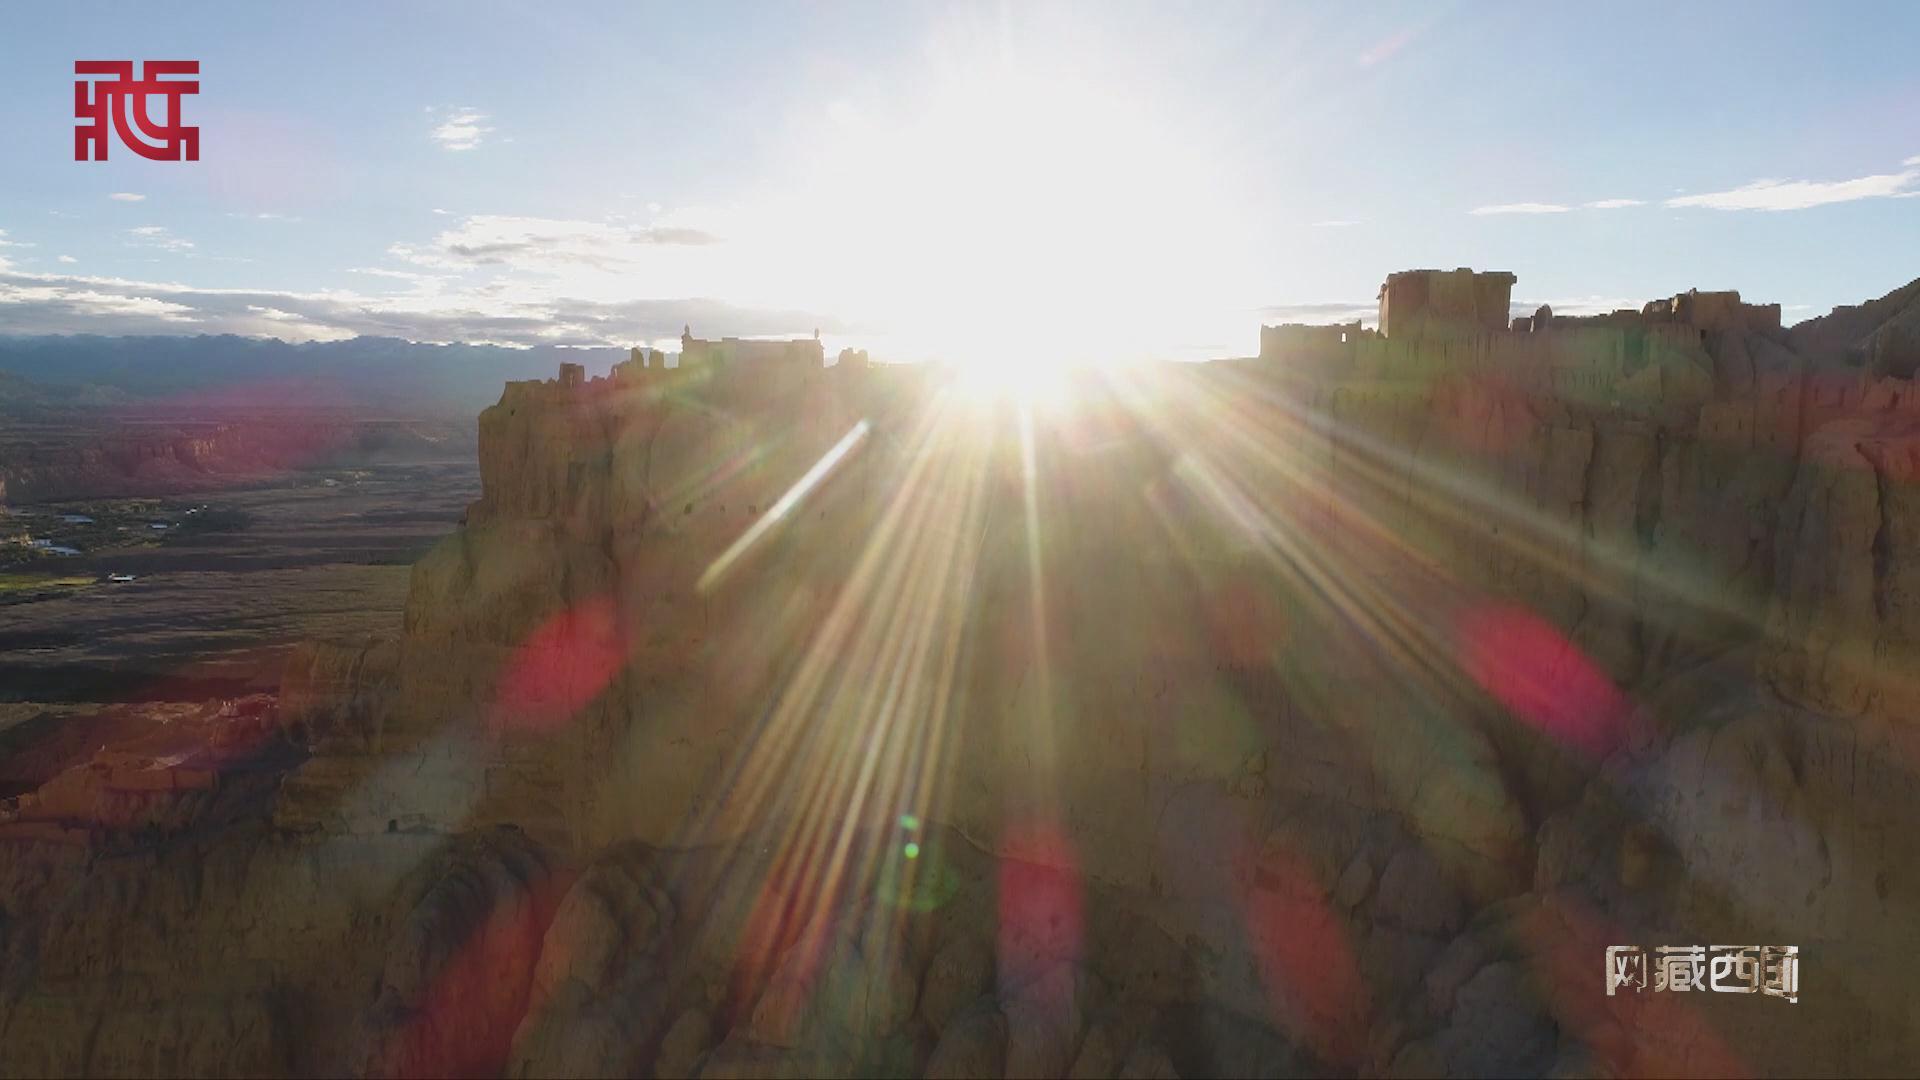 在藏西秘境,遇见天上阿里